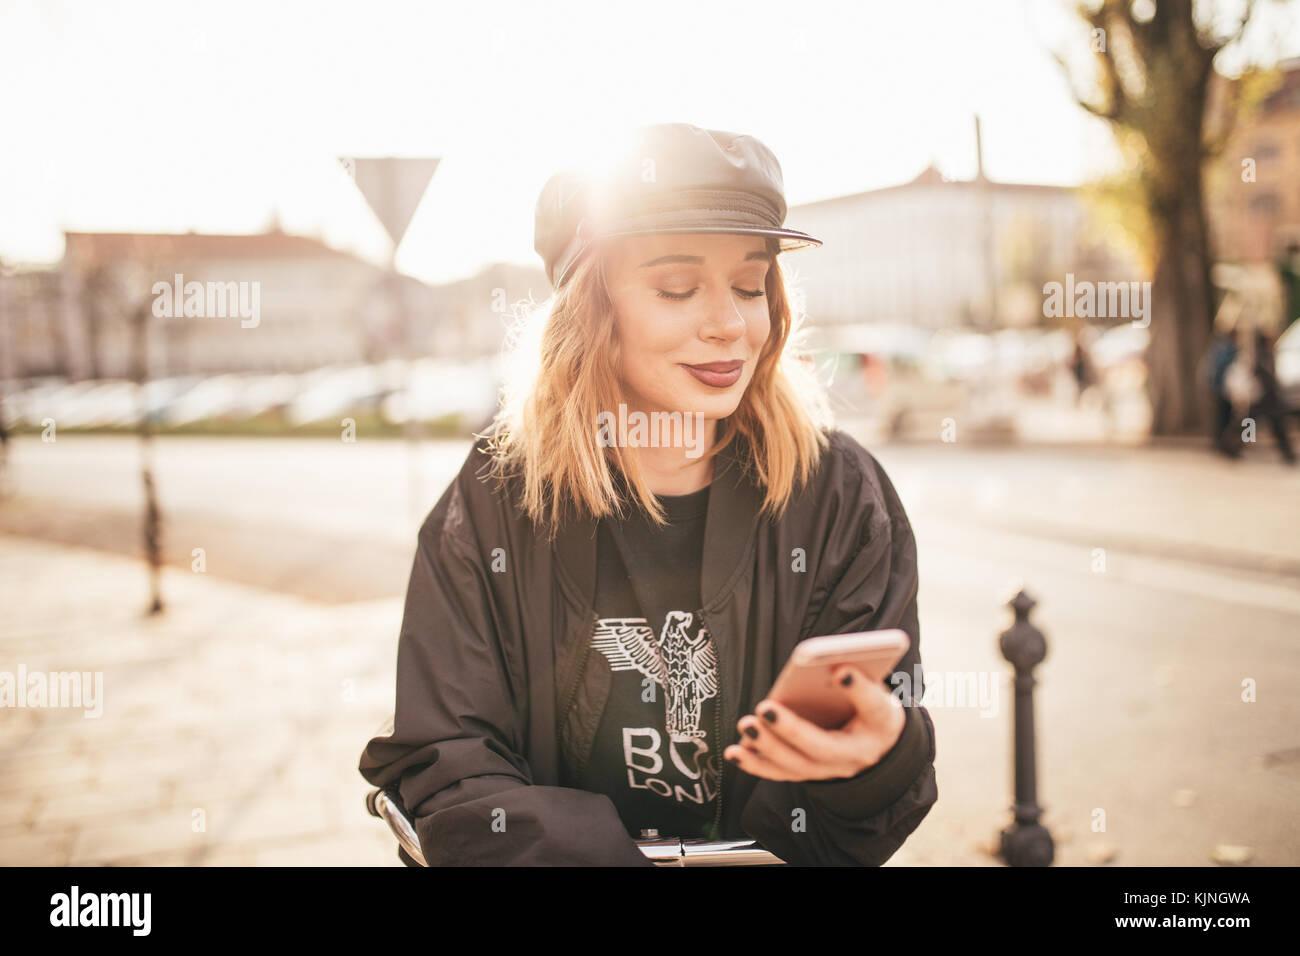 Hermosa niña escribir mensajes de texto en su celular en las calles de la ciudad Imagen De Stock